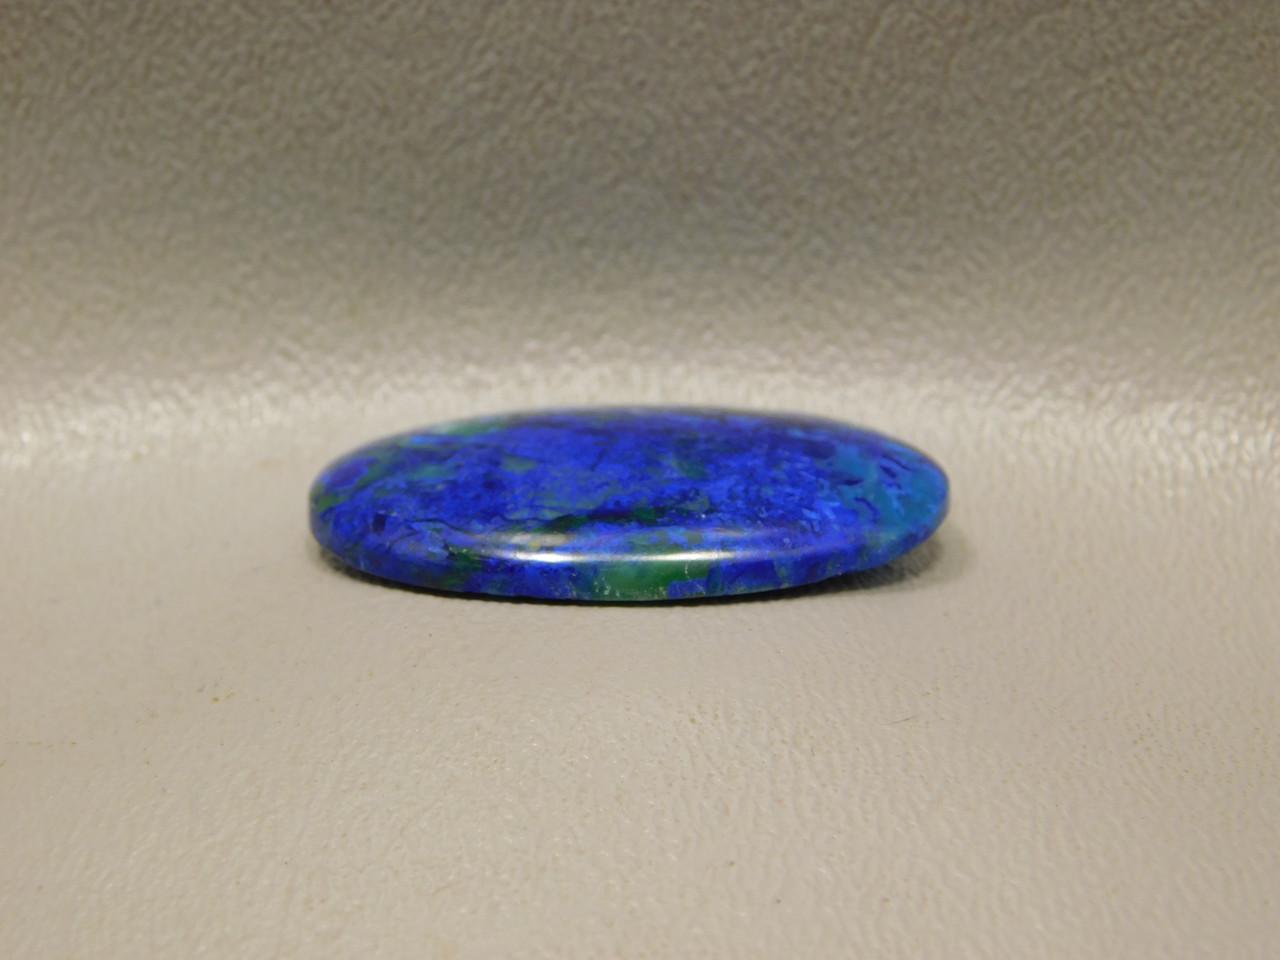 Cabochon Blue Azurite Green Malachite Semiprecious Stone #6